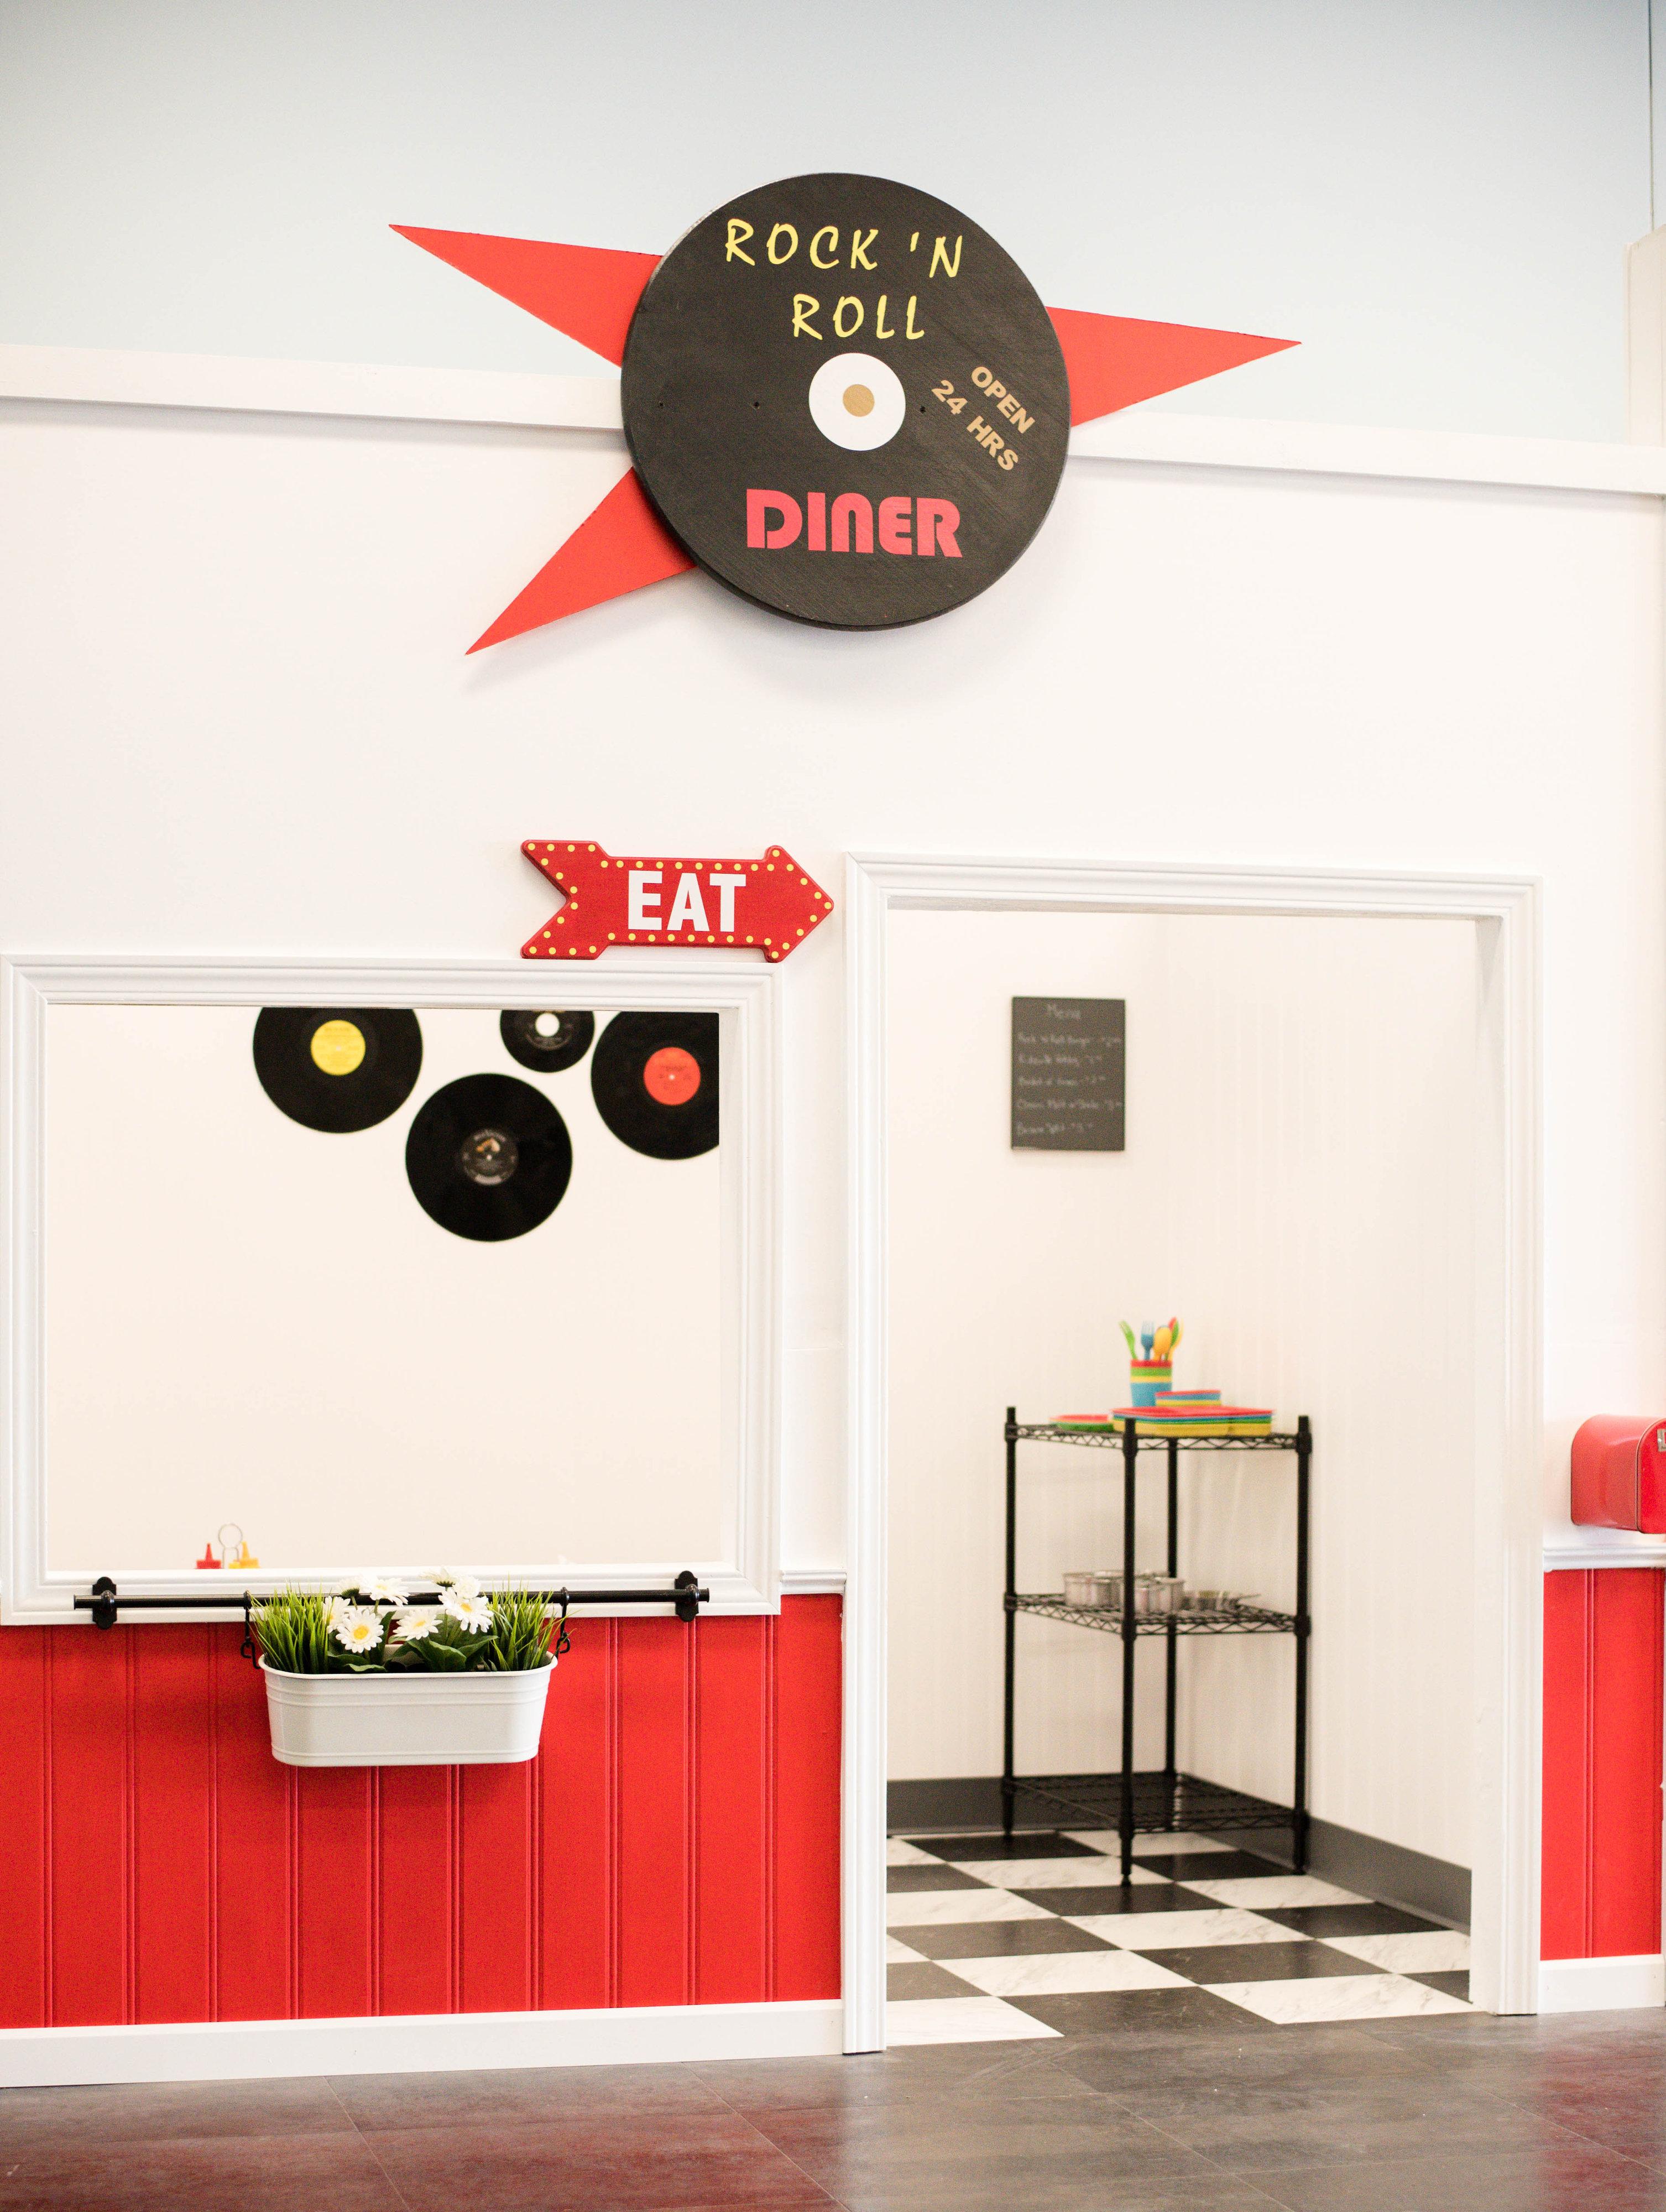 Rock 'N Roll Diner